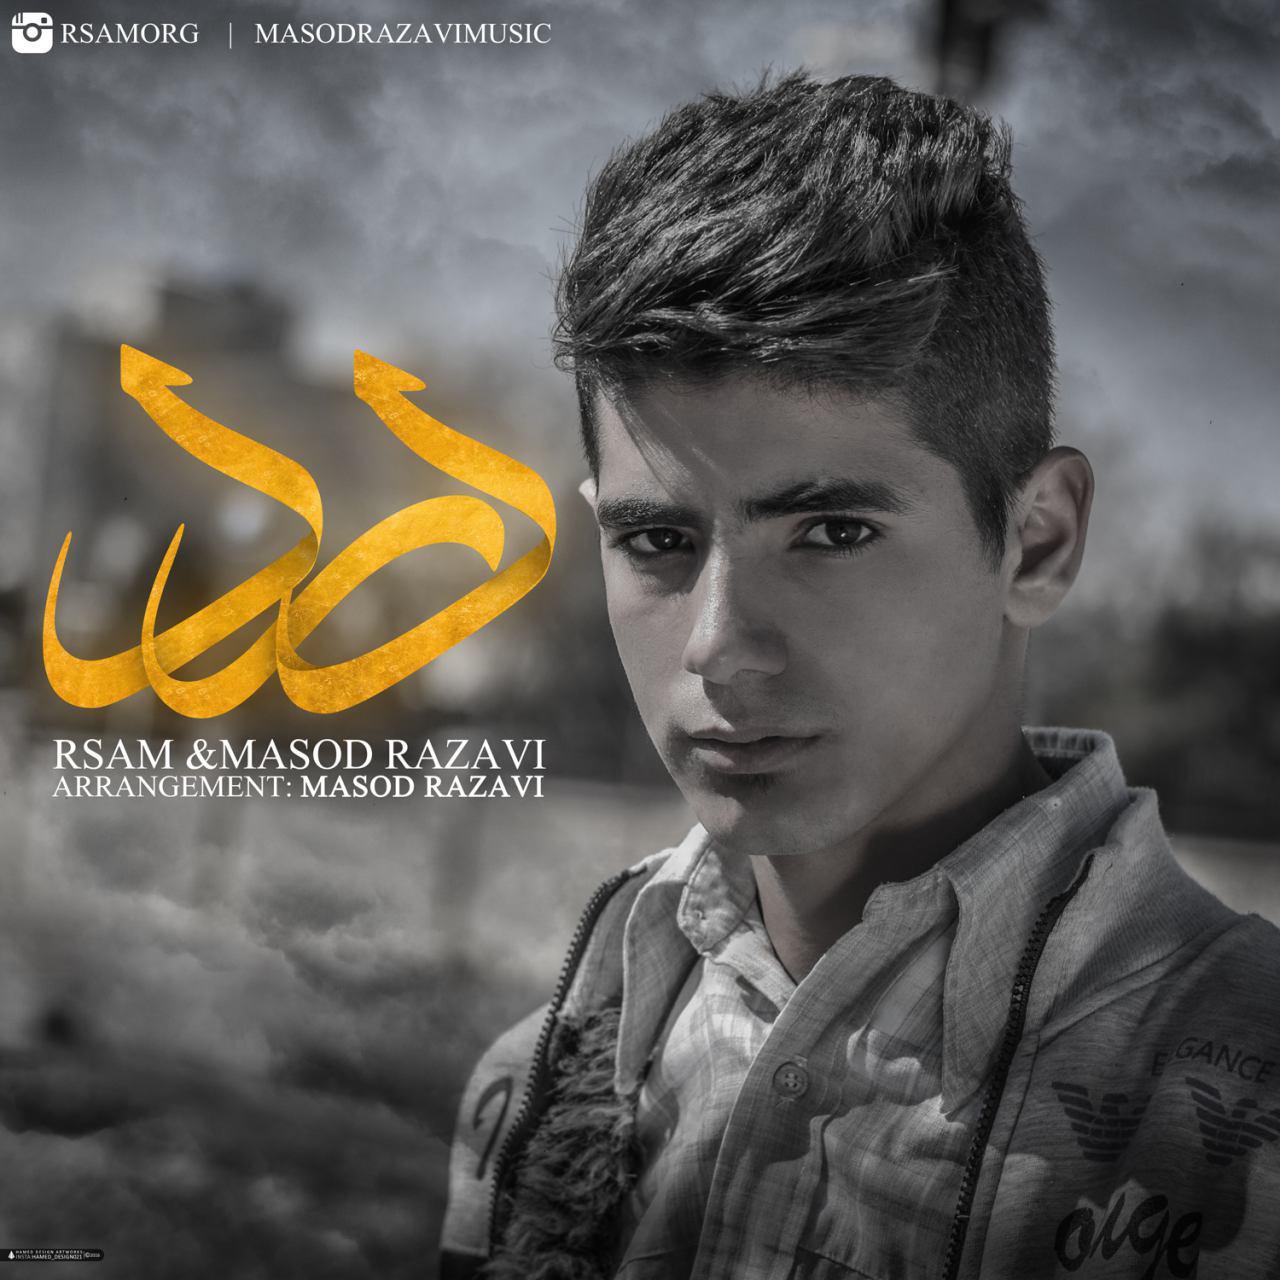 دانلود آهنگ جدید آرسام و مسعود رضوی به نام درد